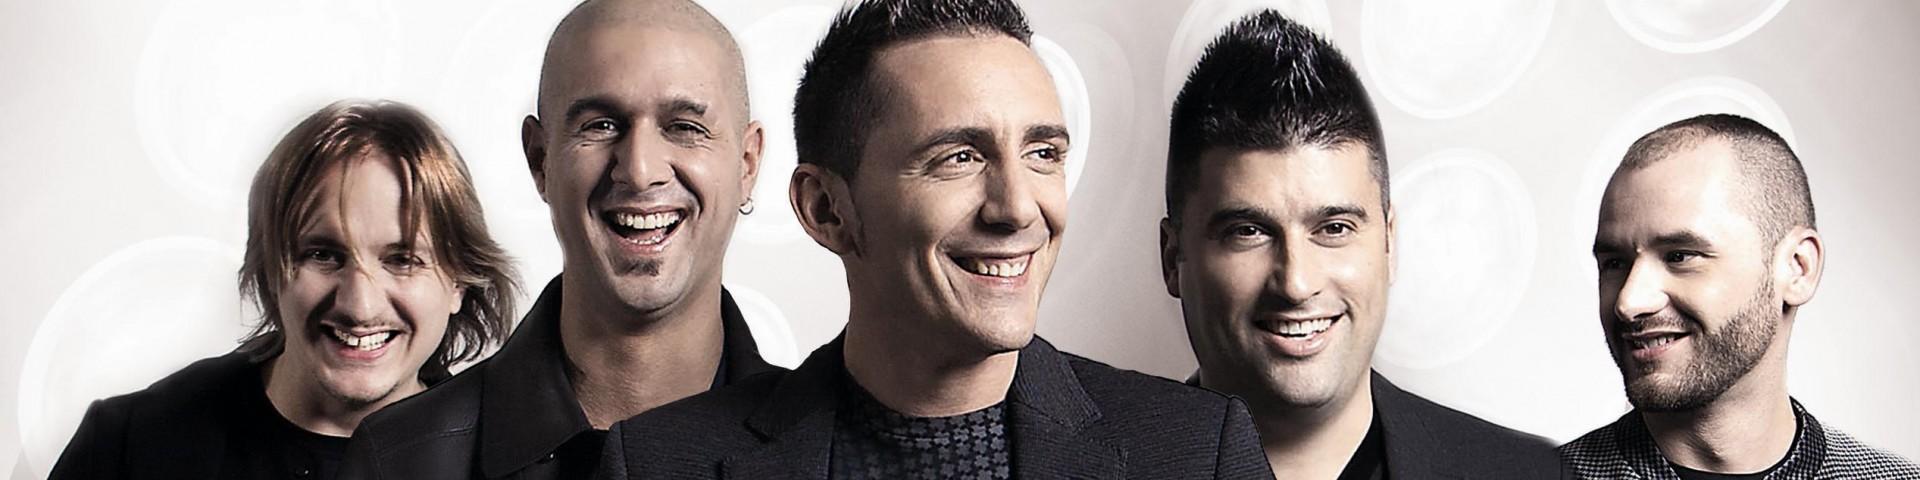 Biglietti concerti Modà: tutte le info sul tour 2019